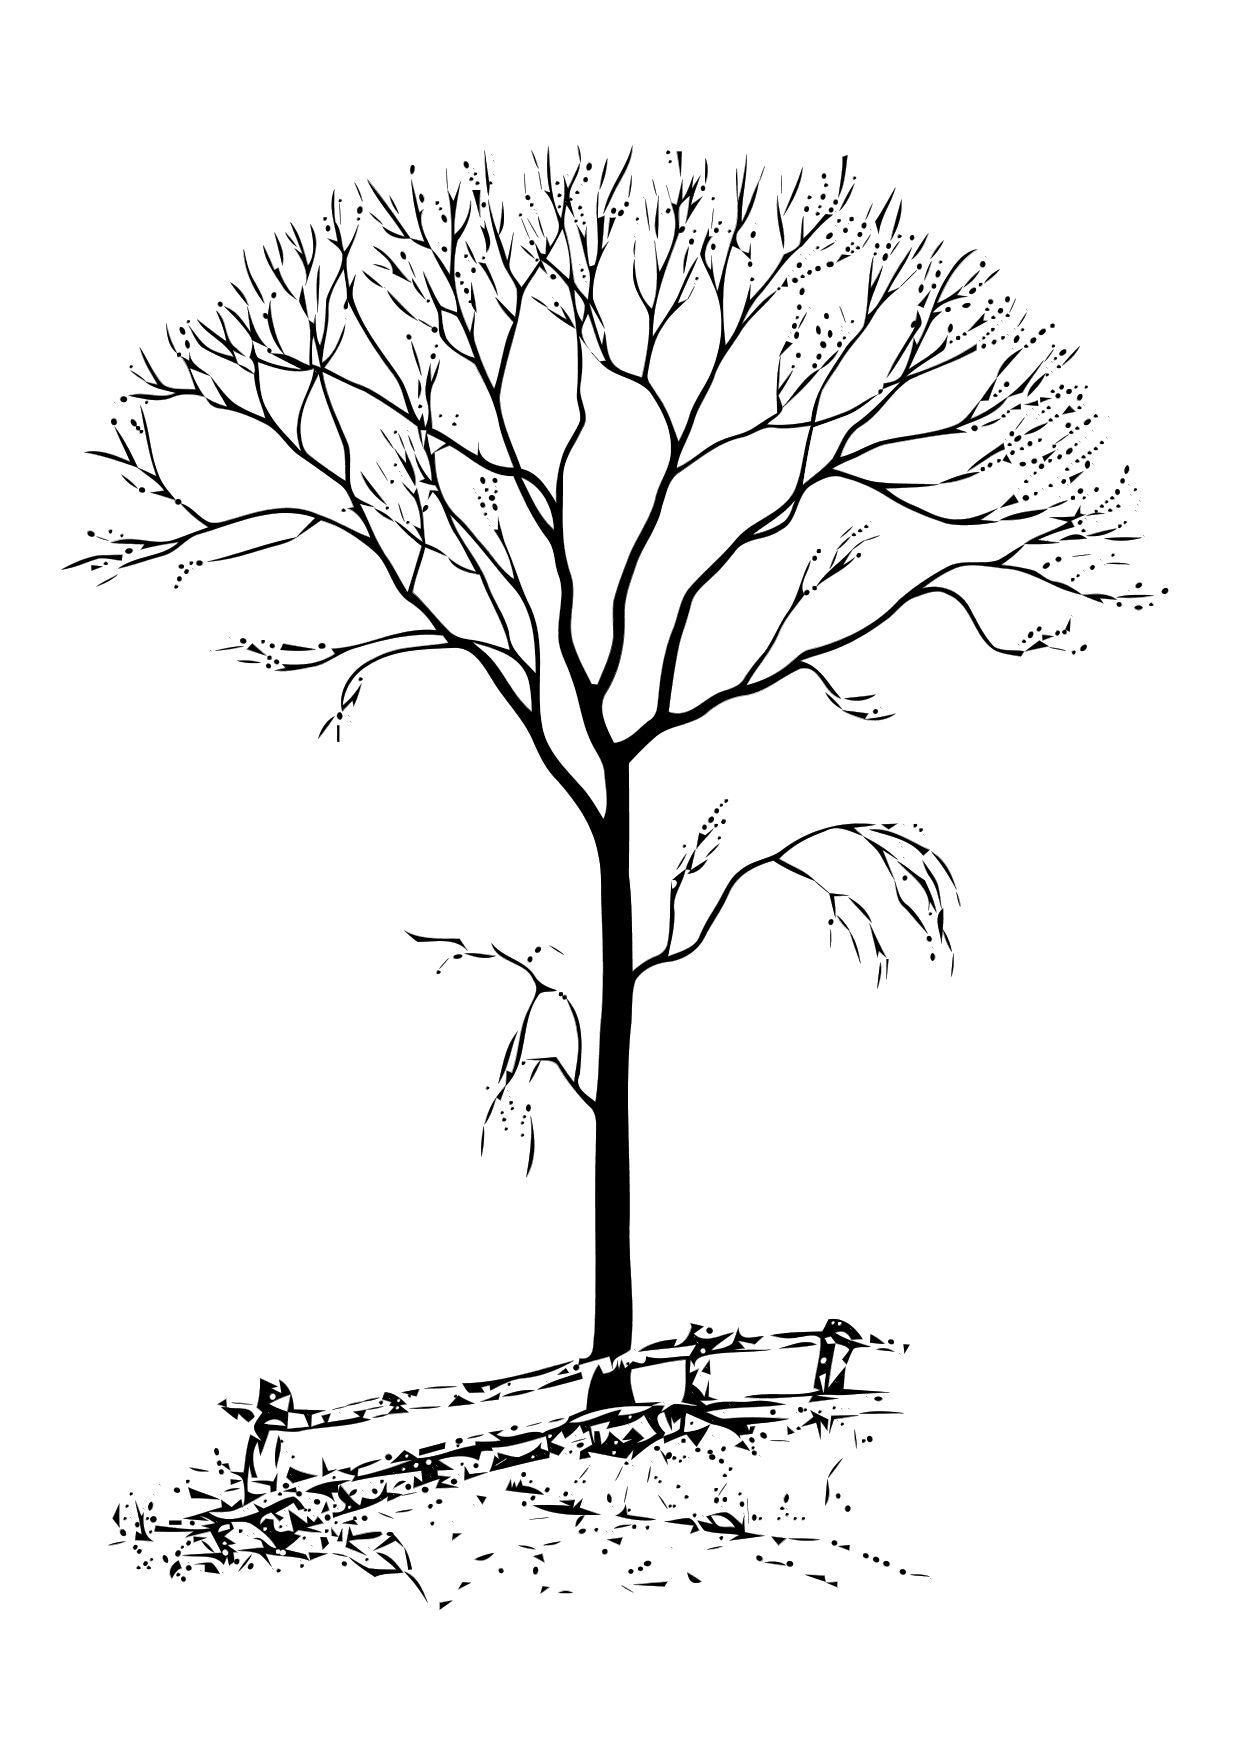 Disegno da colorare albero spoglio  Cat 11331